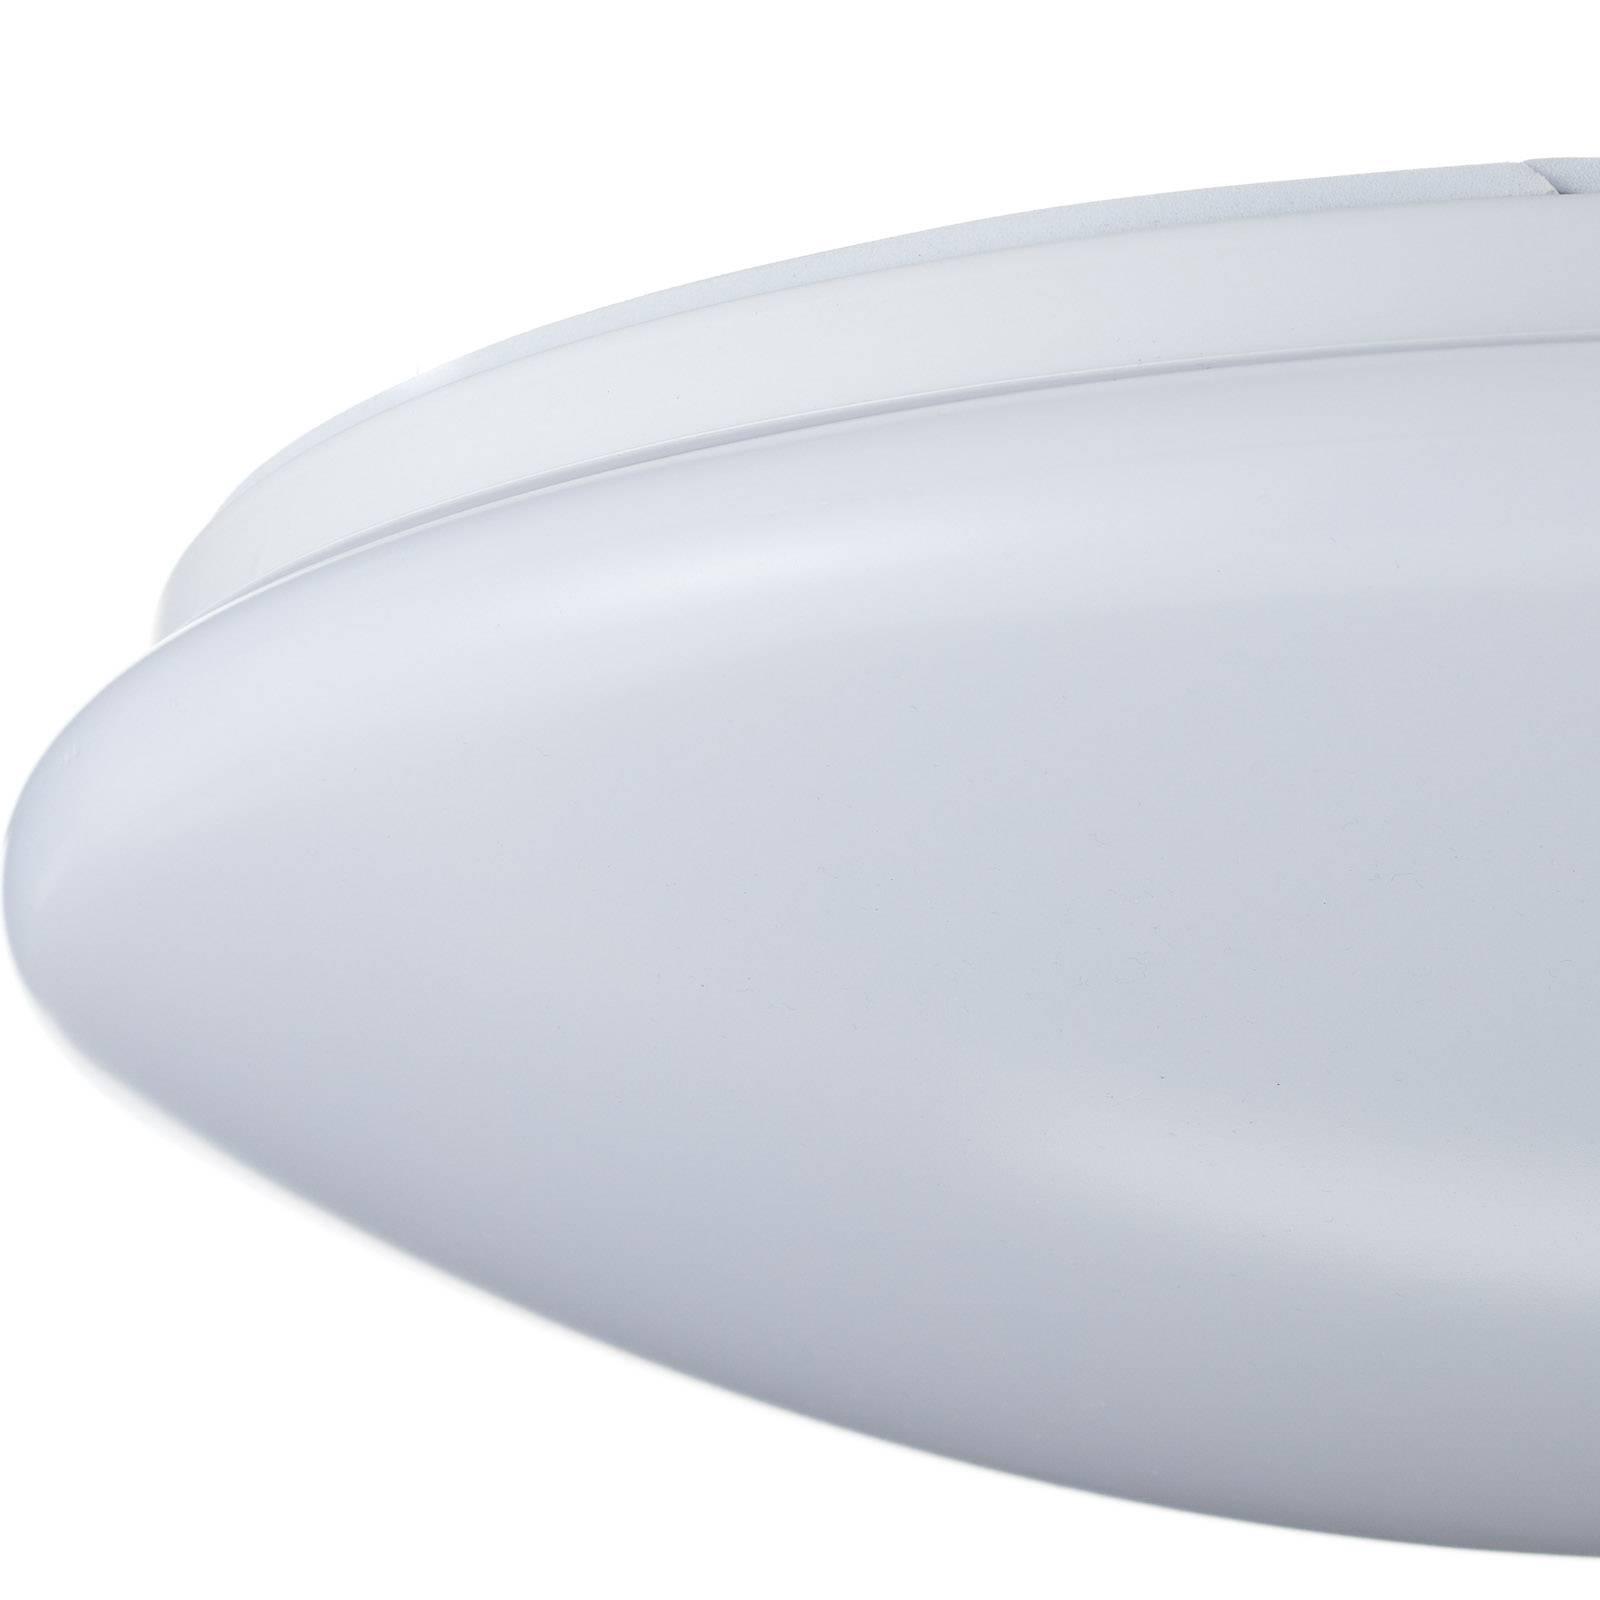 LED-kattovalaisin Altona Ø 38,5 cm 1950 lm 4 000 K